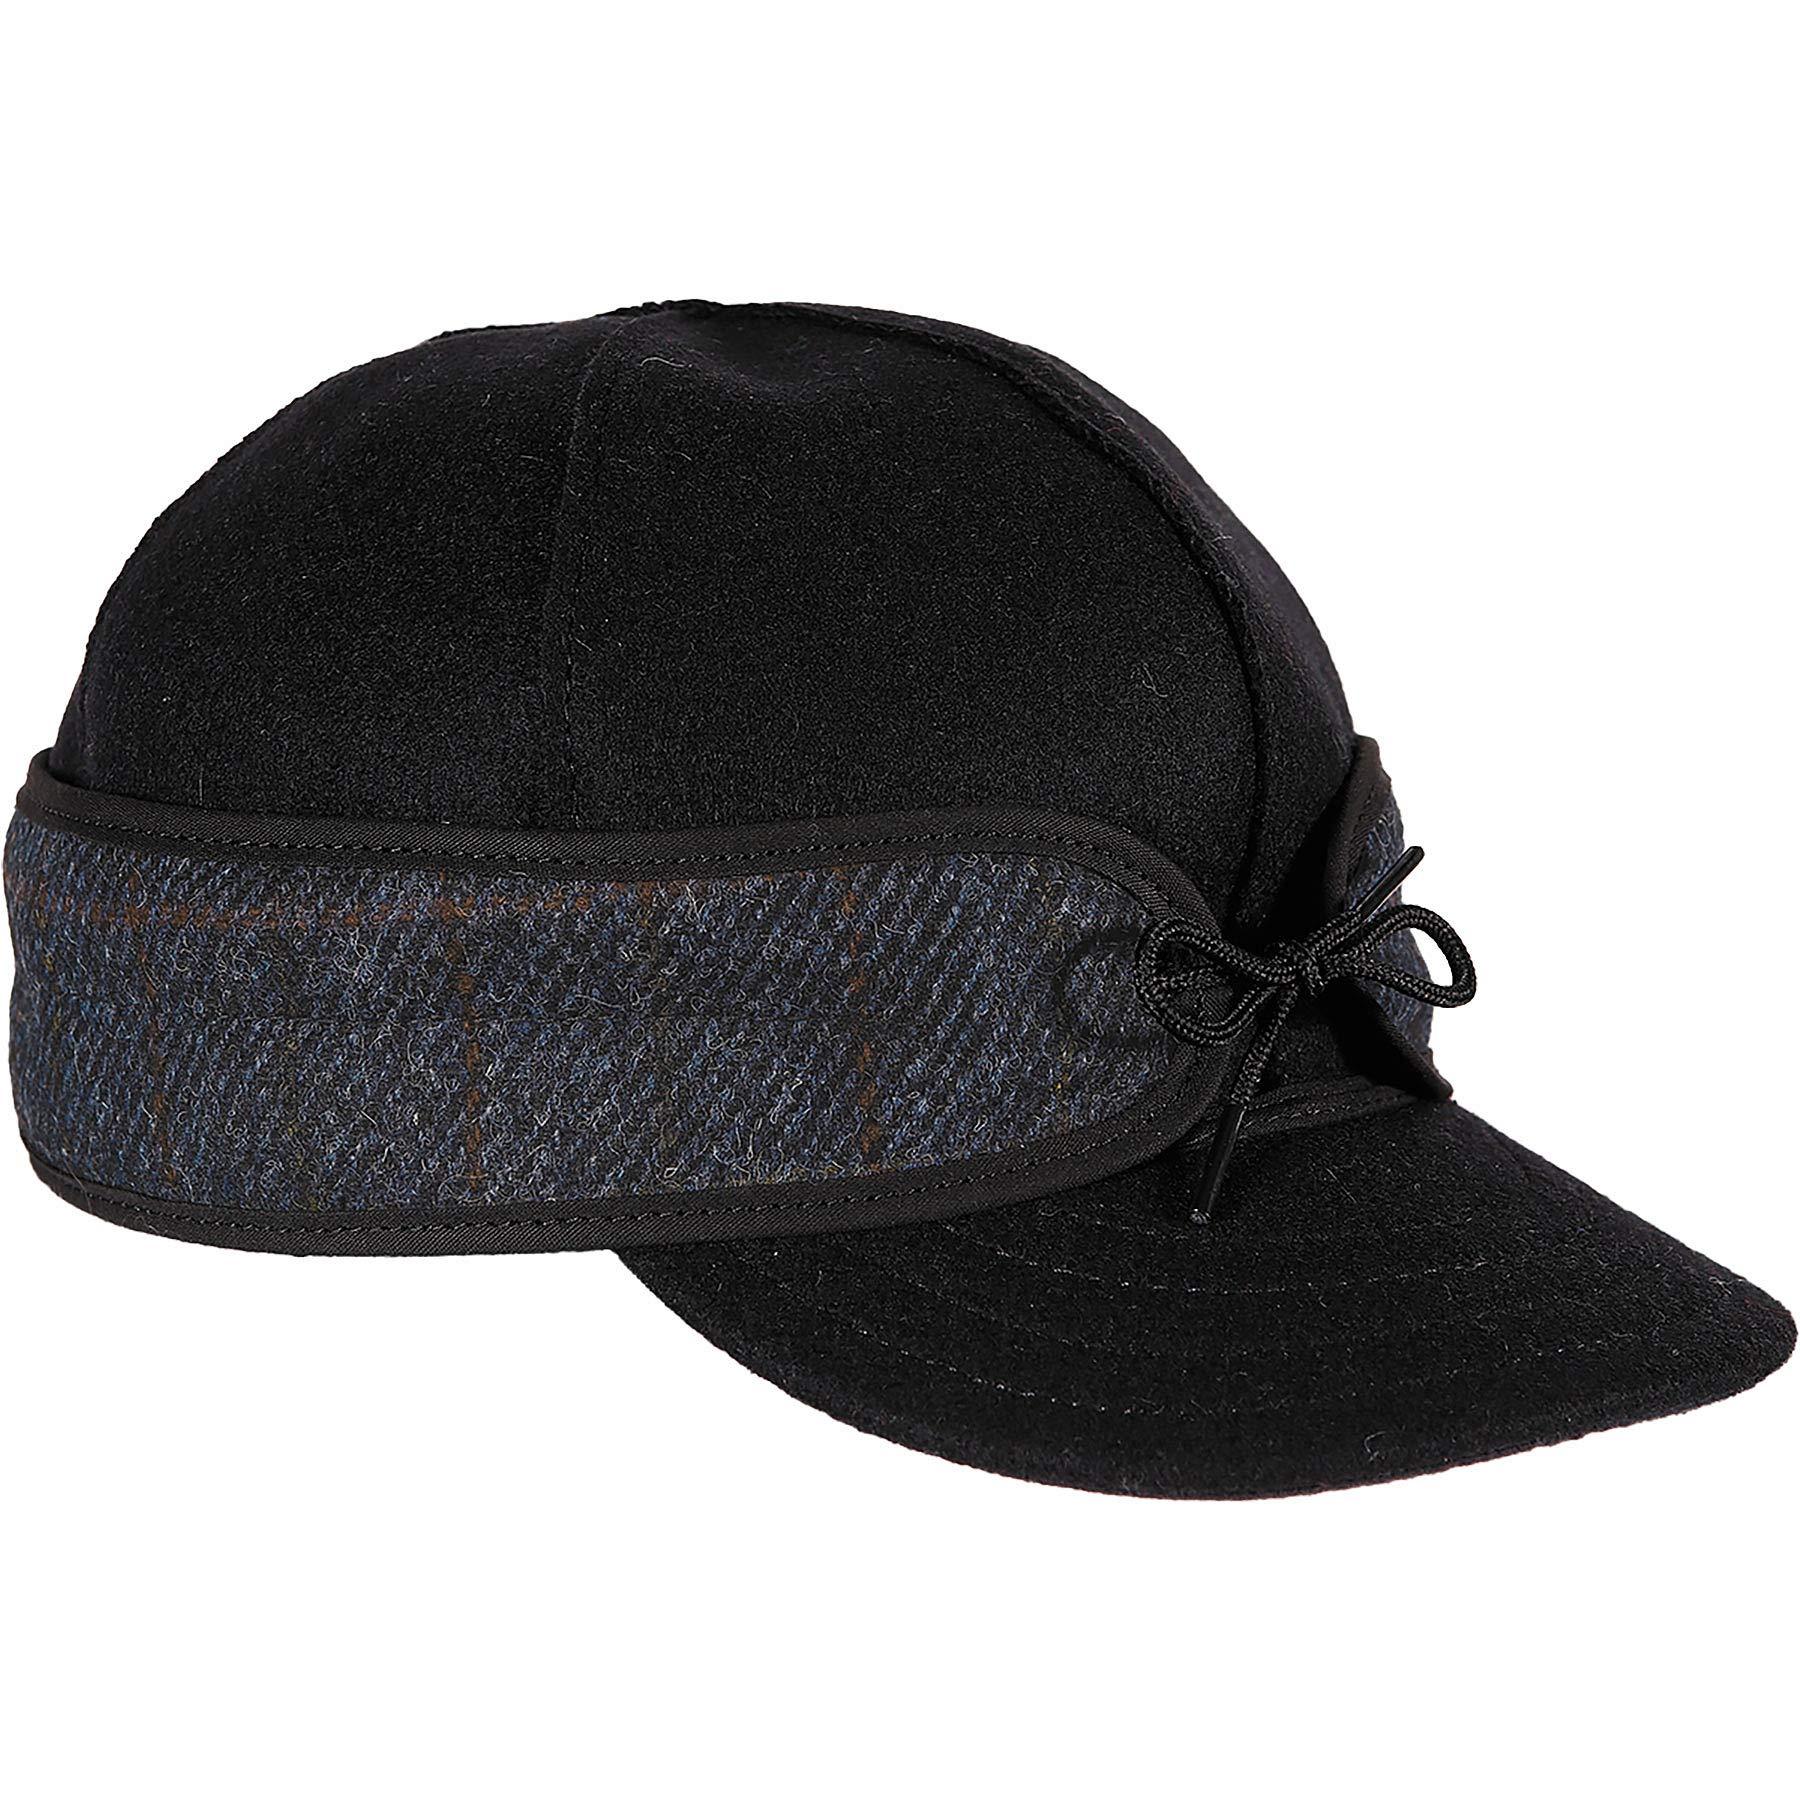 Harris Tweed Original Stormy Kromer Cap